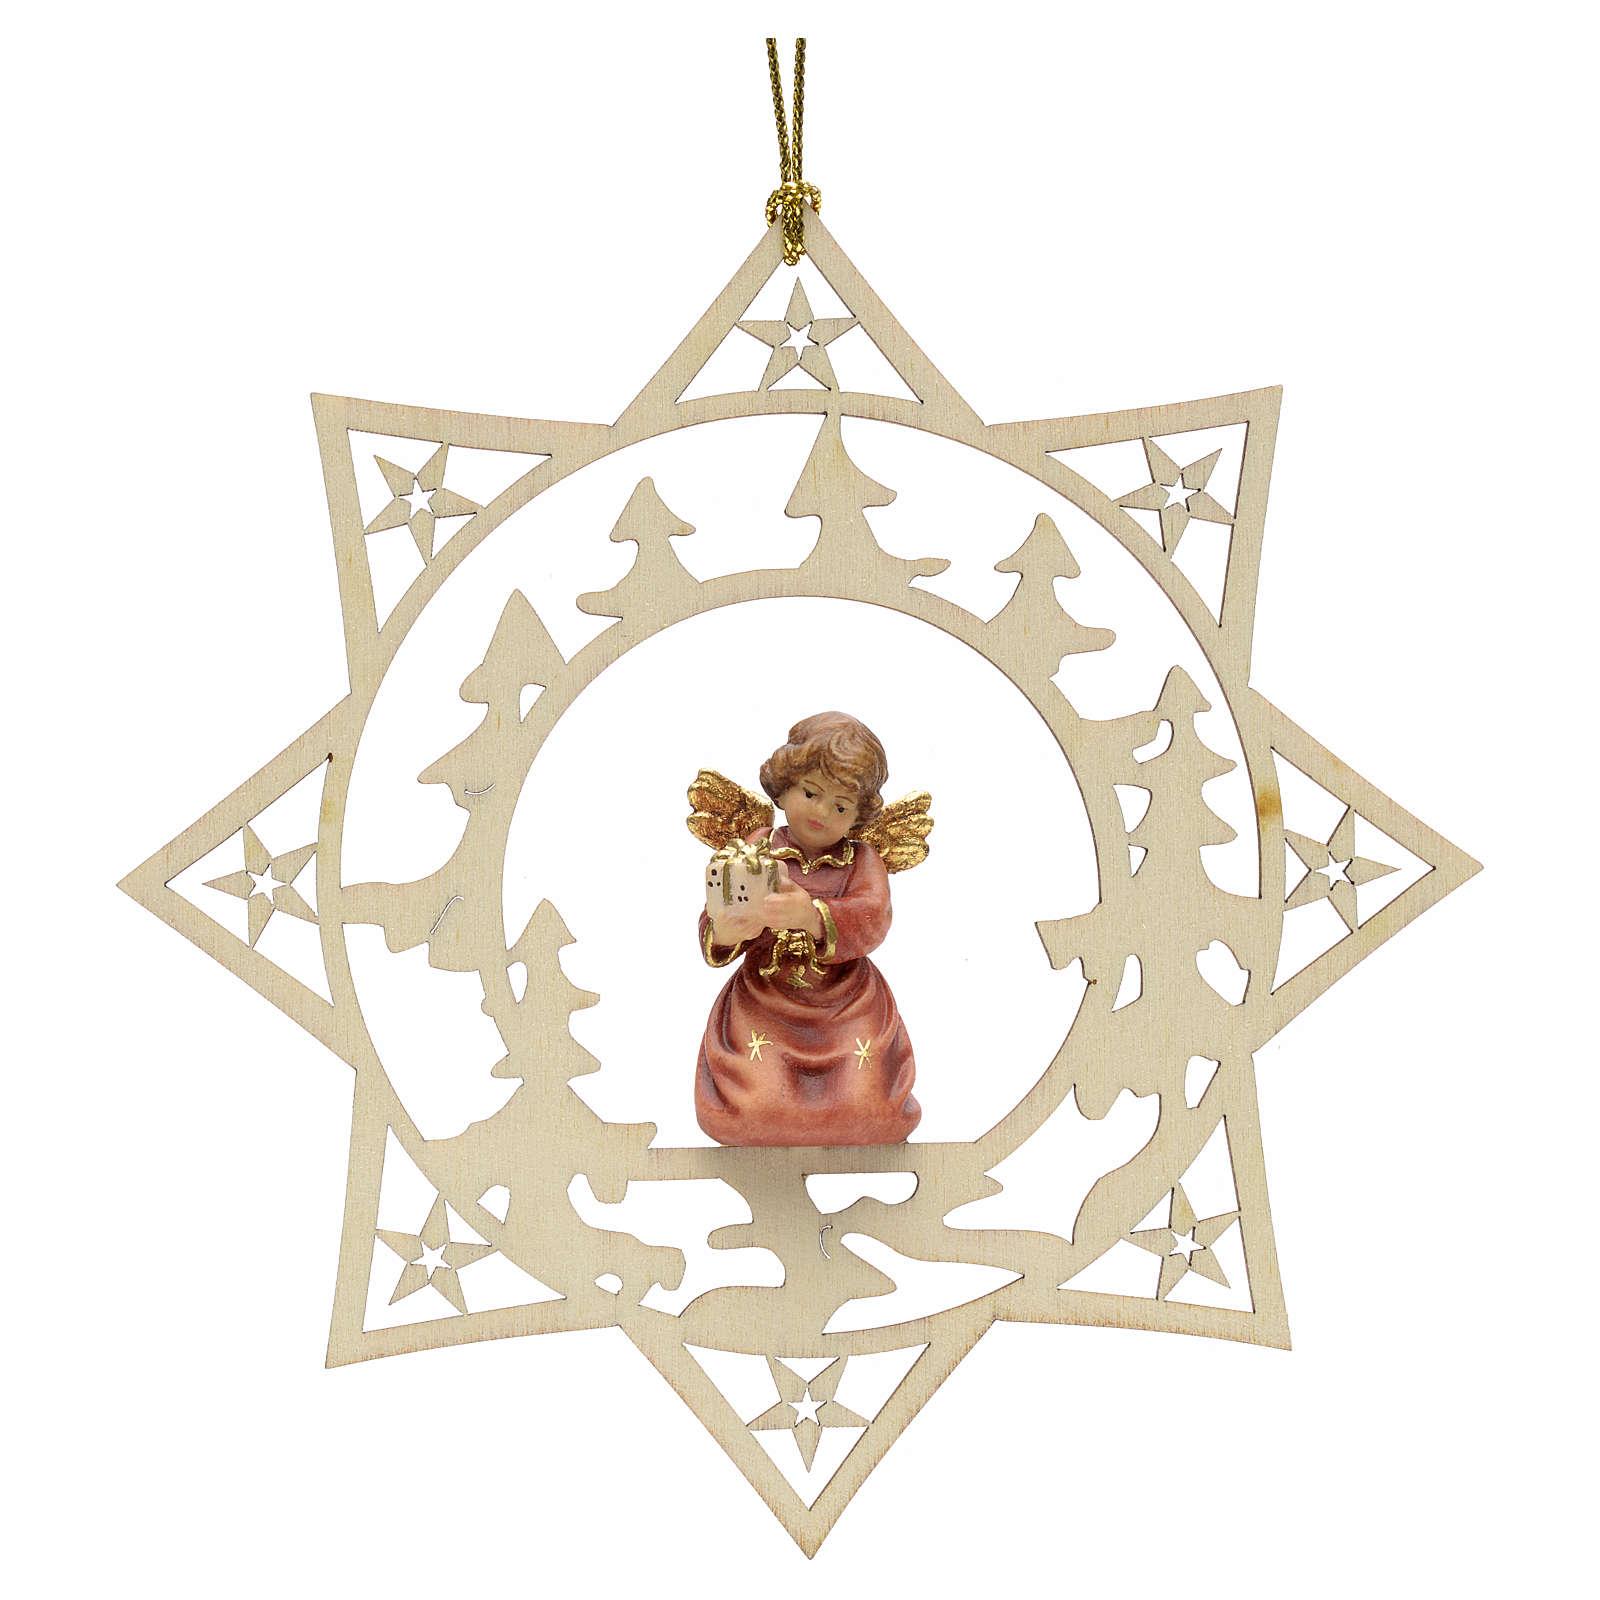 Decoración de Navidad ángel estrella árbol 4